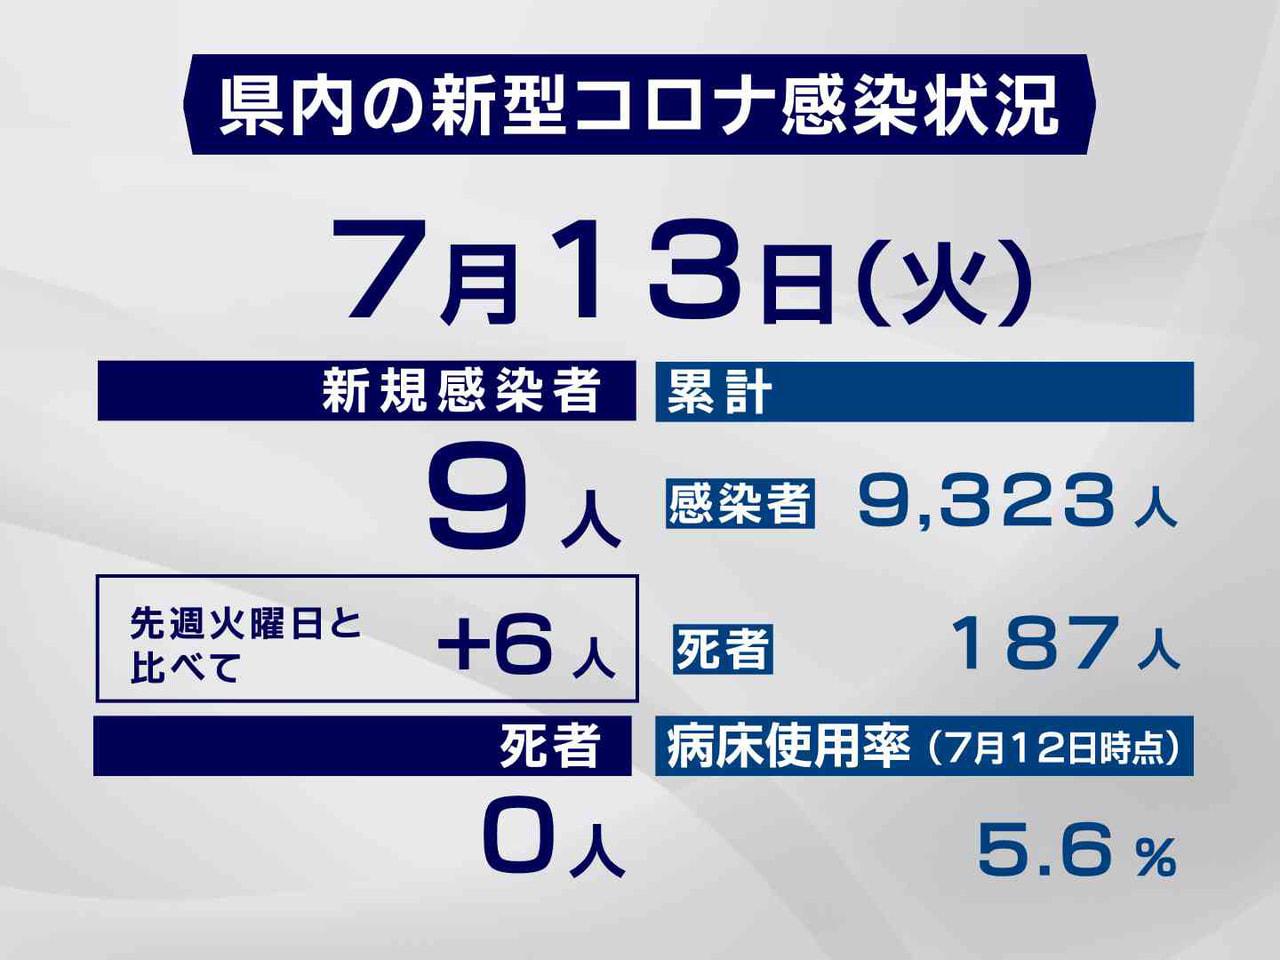 岐阜県と岐阜市は13日、新型コロナウイルスの感染者が新たに9人確認されたと発表し...